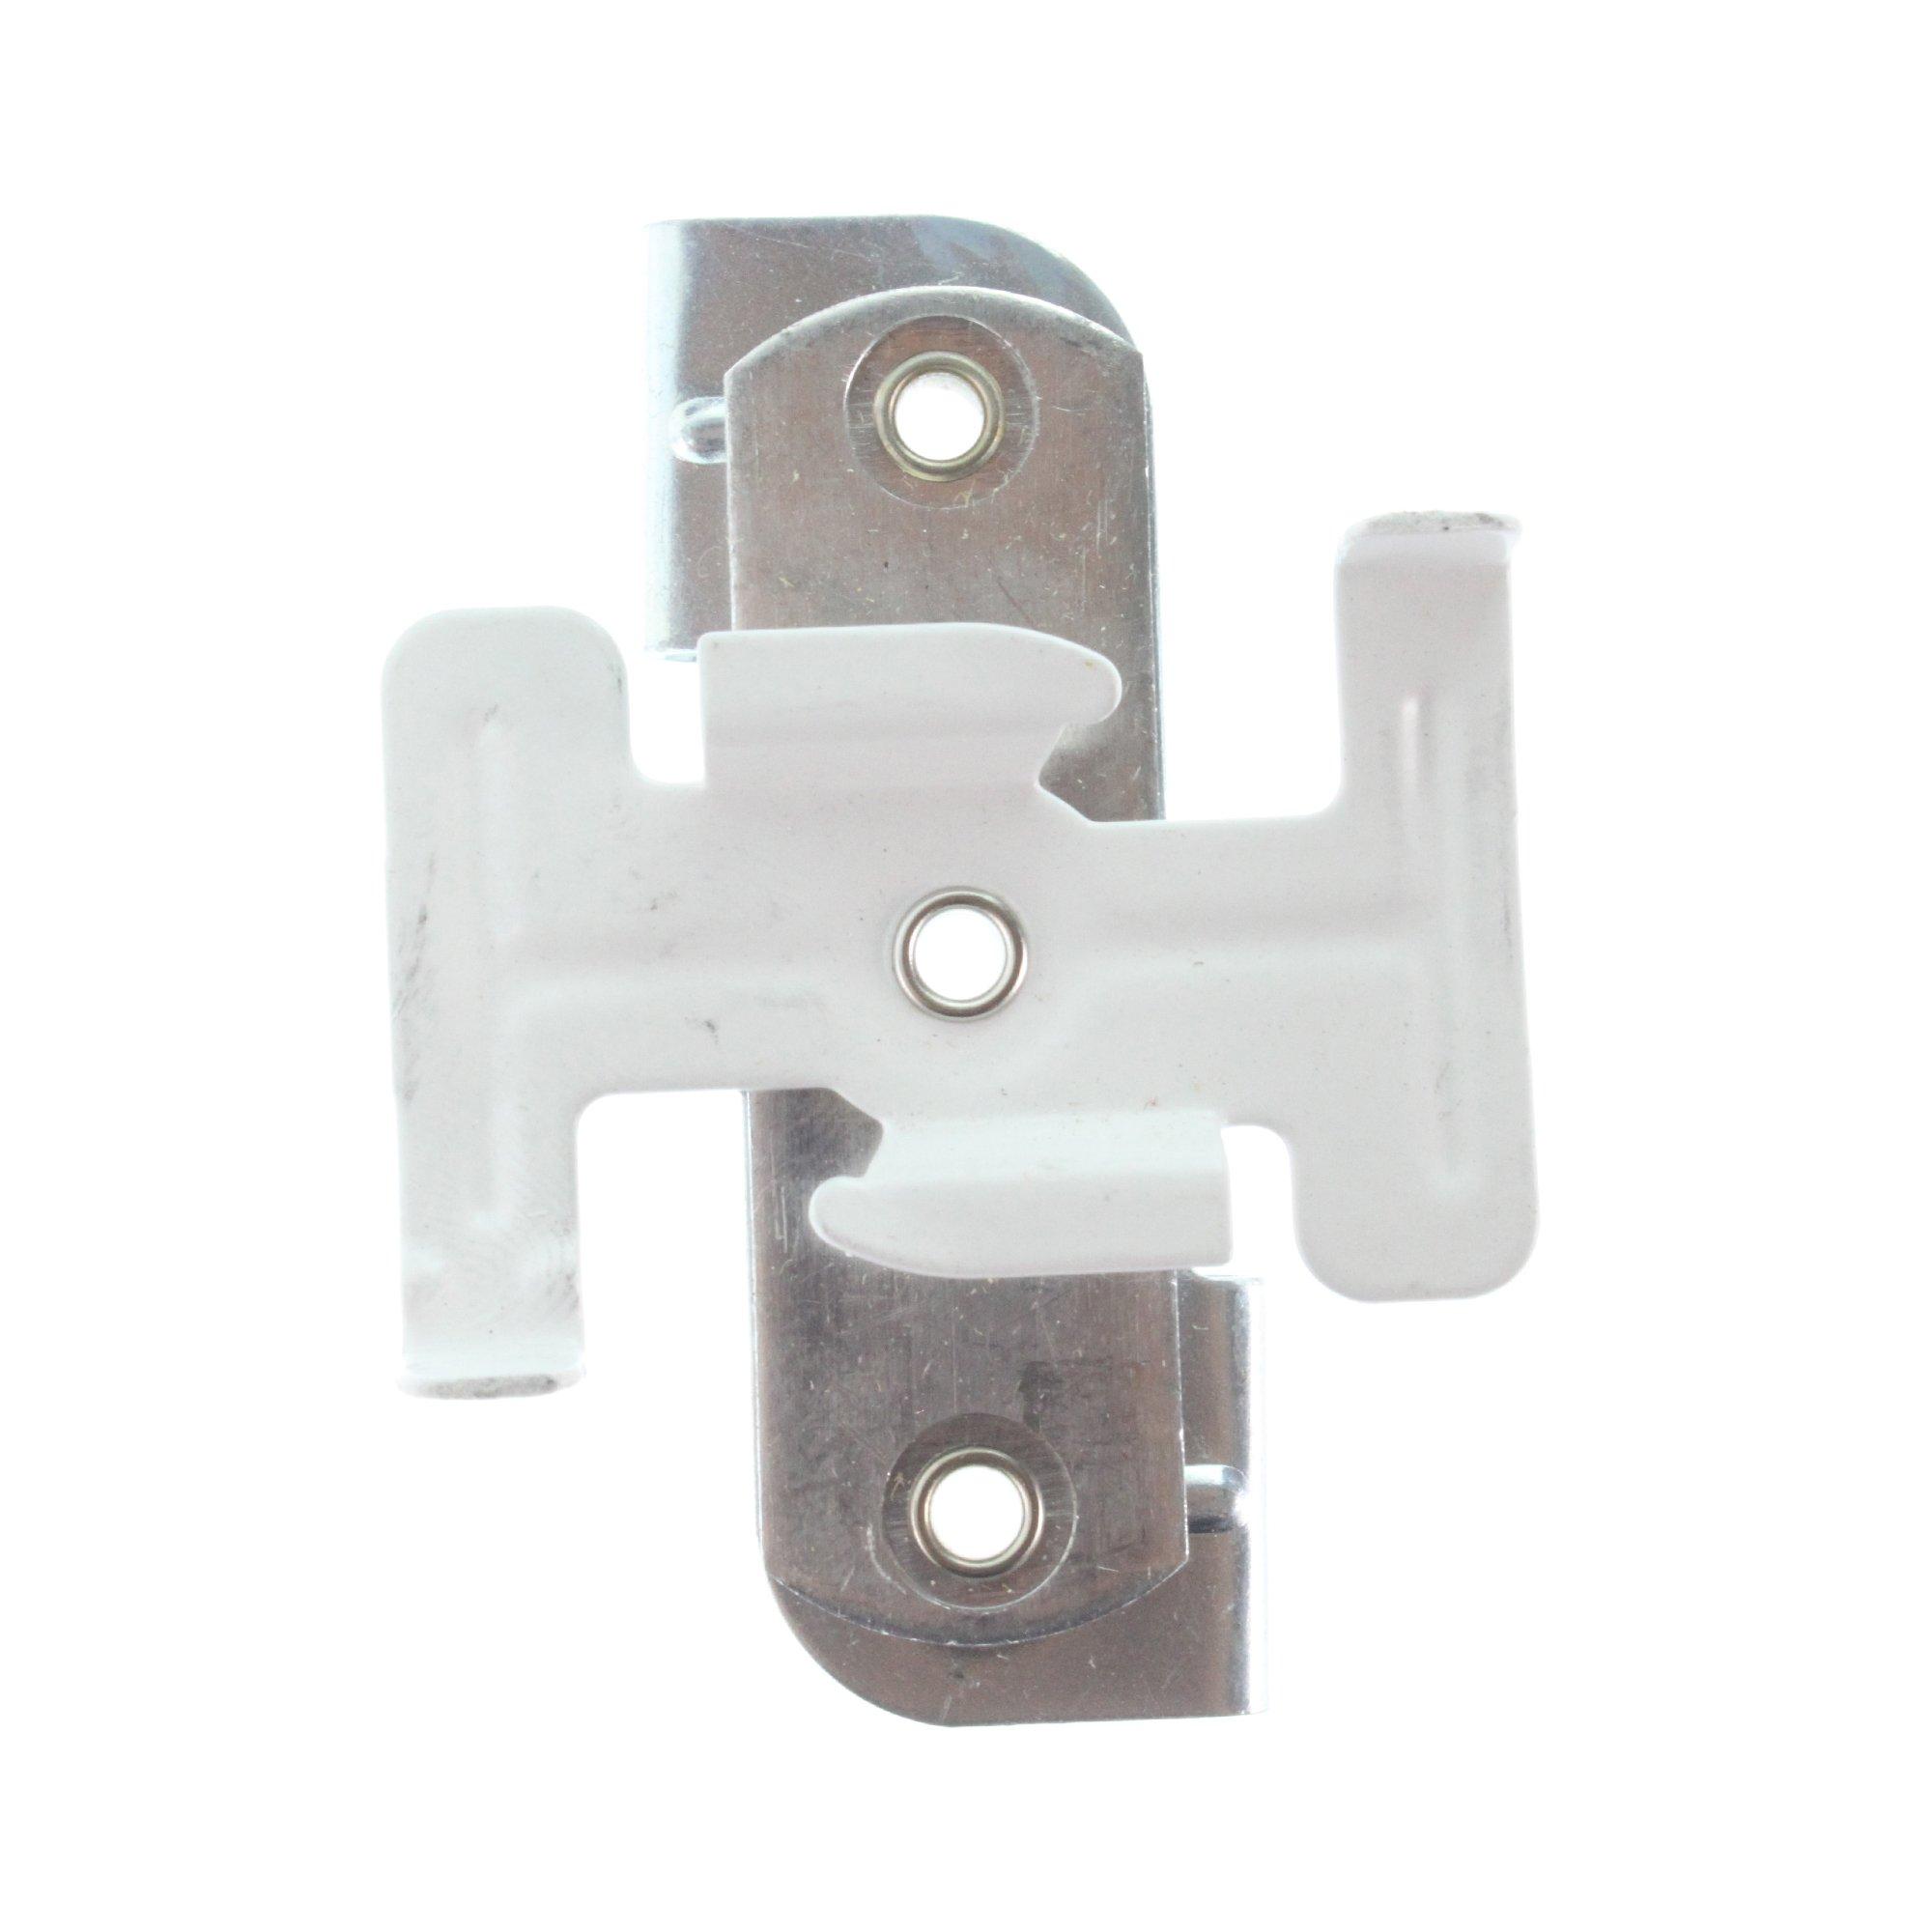 Lightolier 6089 Lytespan Track Lighting 9/16'' & 15/16'' Grid Ceiling Clip Kit, WHite